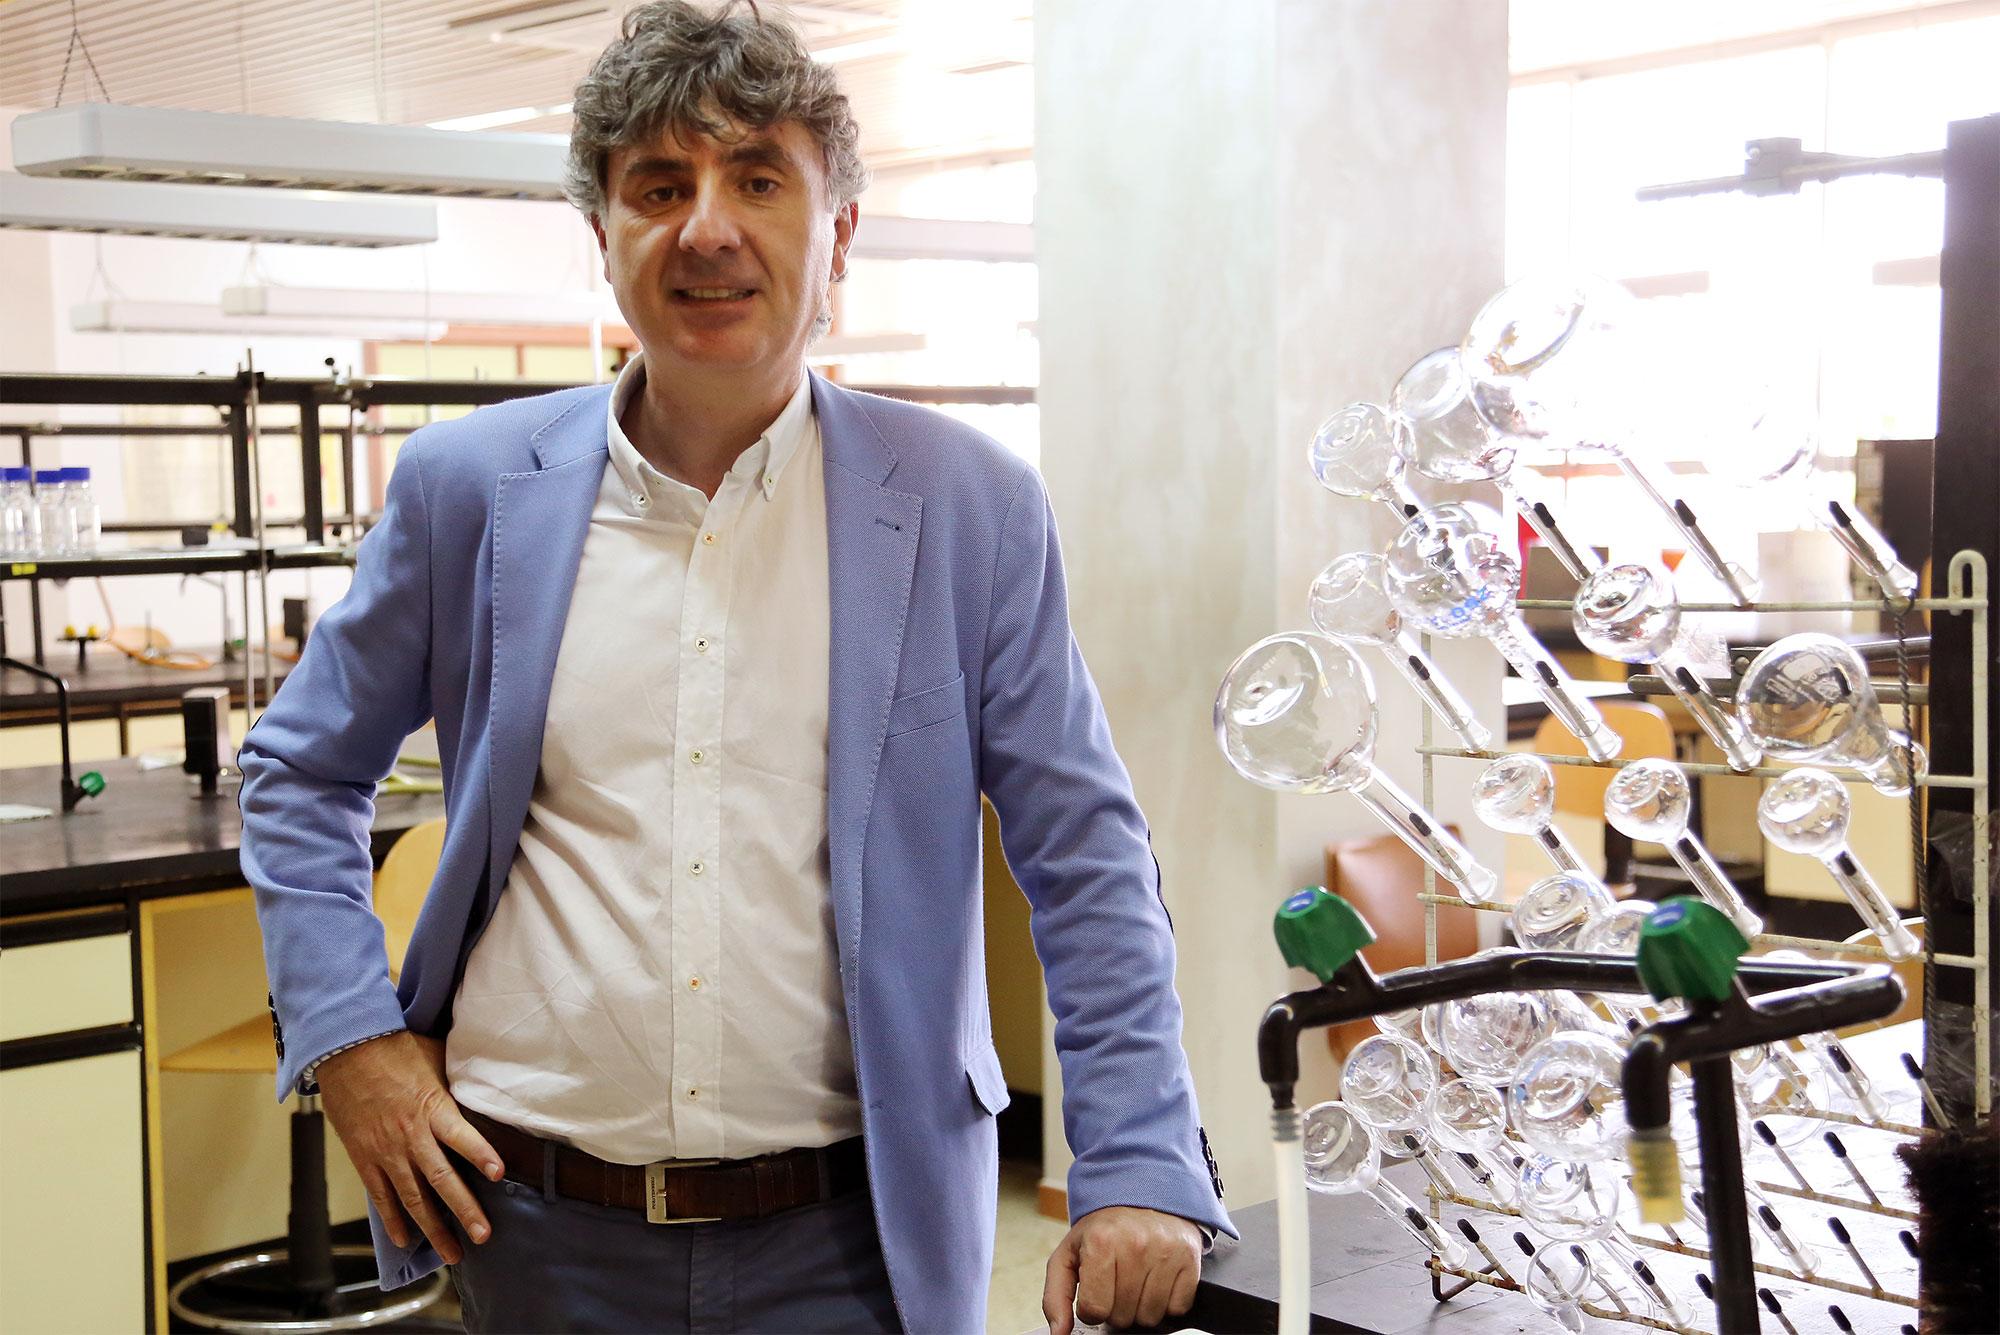 La Real Sociedad Española de Química premia al profesor Casado Cordón por su carrera investigadora